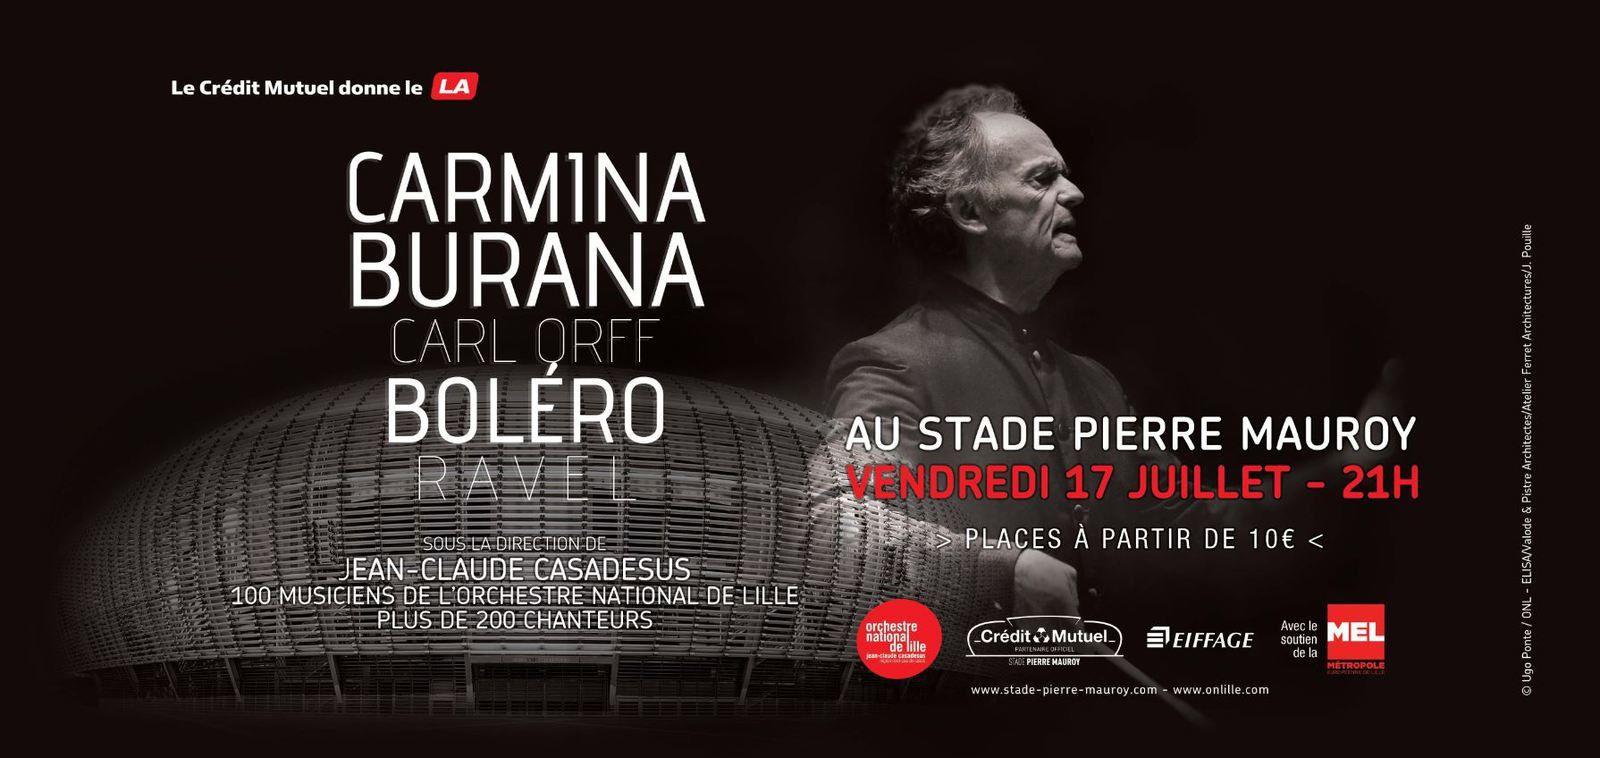 Carmina Burana et Boléro au stade de Lille : en direct sur le net.